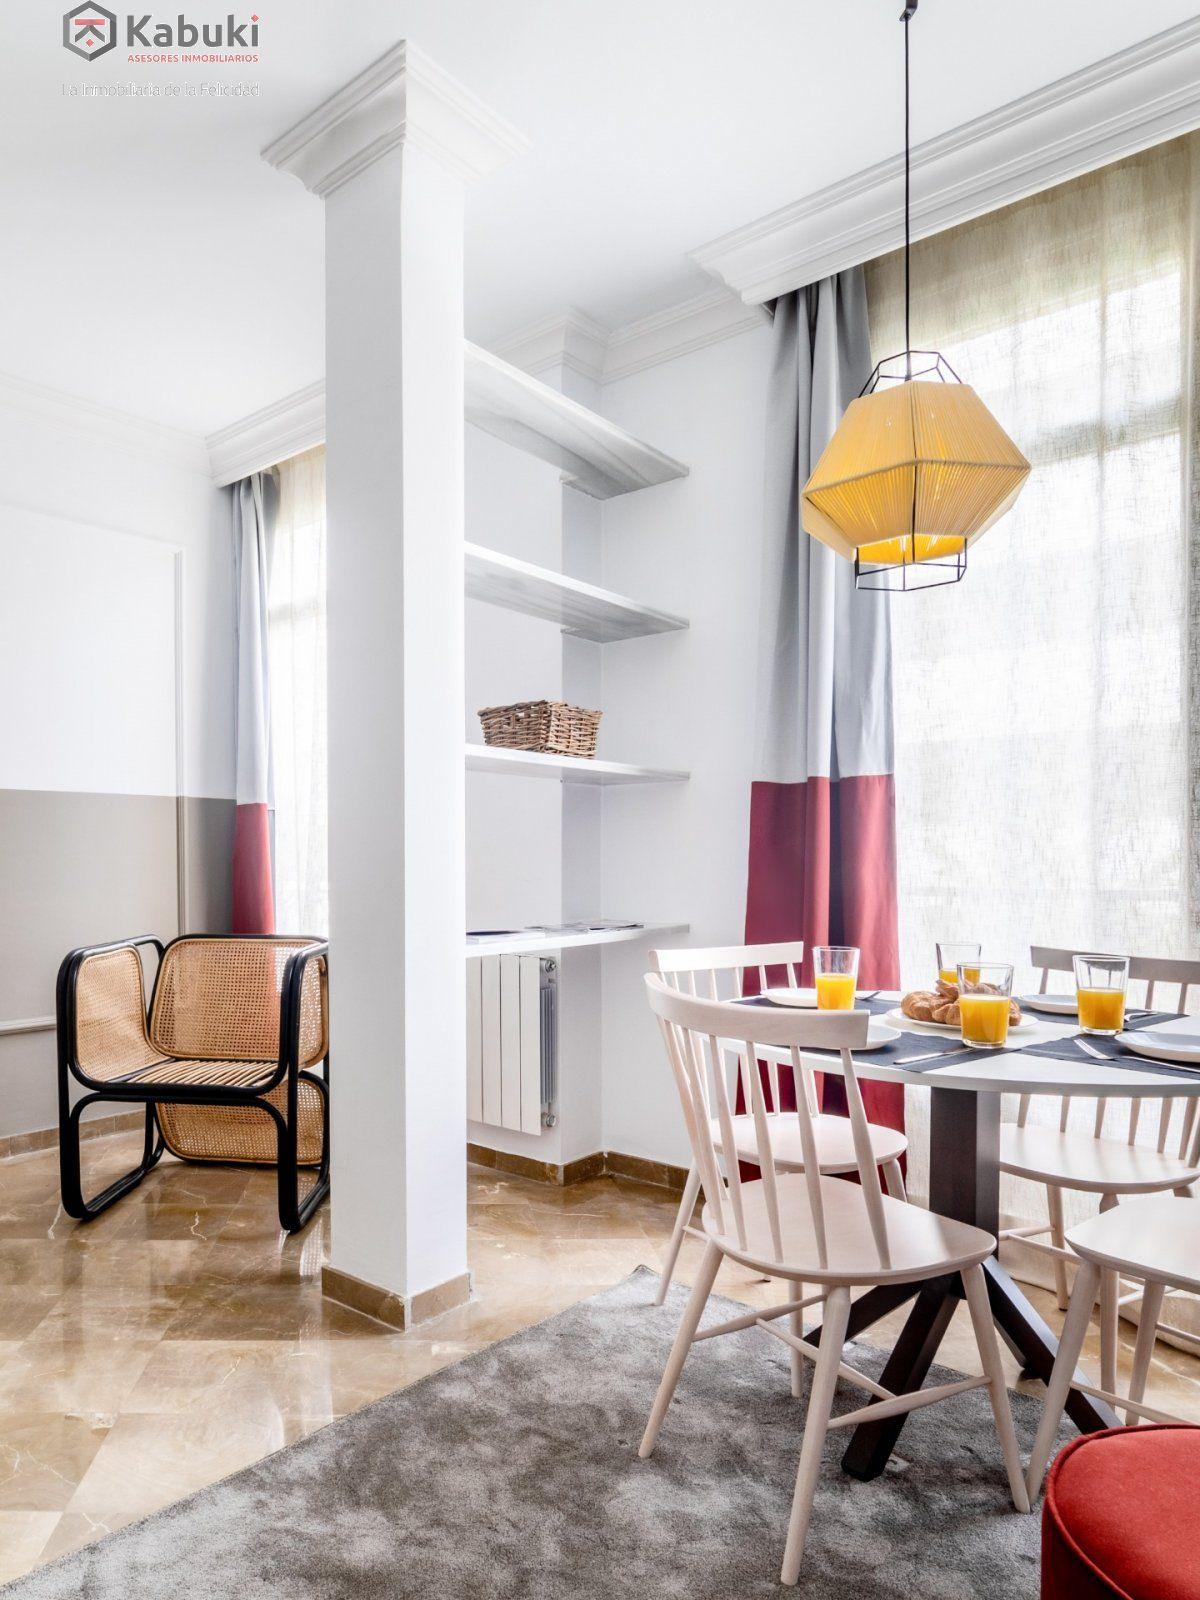 Magnífico inmueble de dos dormitorios en gran via. de estilo moderno, sentirás todo el con - imagenInmueble2